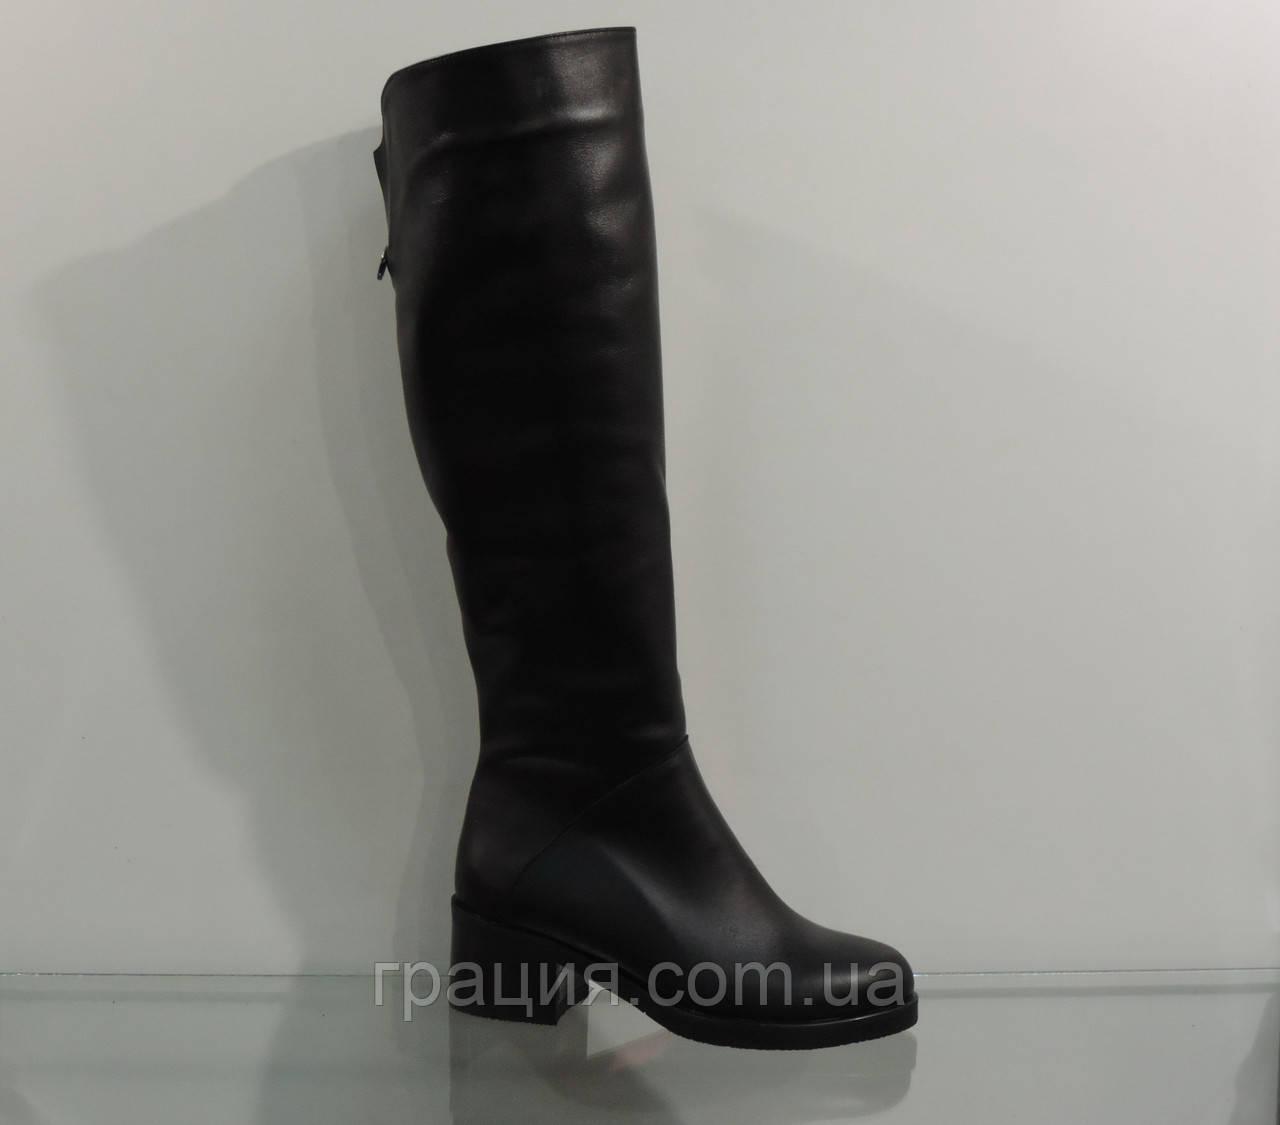 Модные кожаные женские зимние сапожки на среднем каблуке